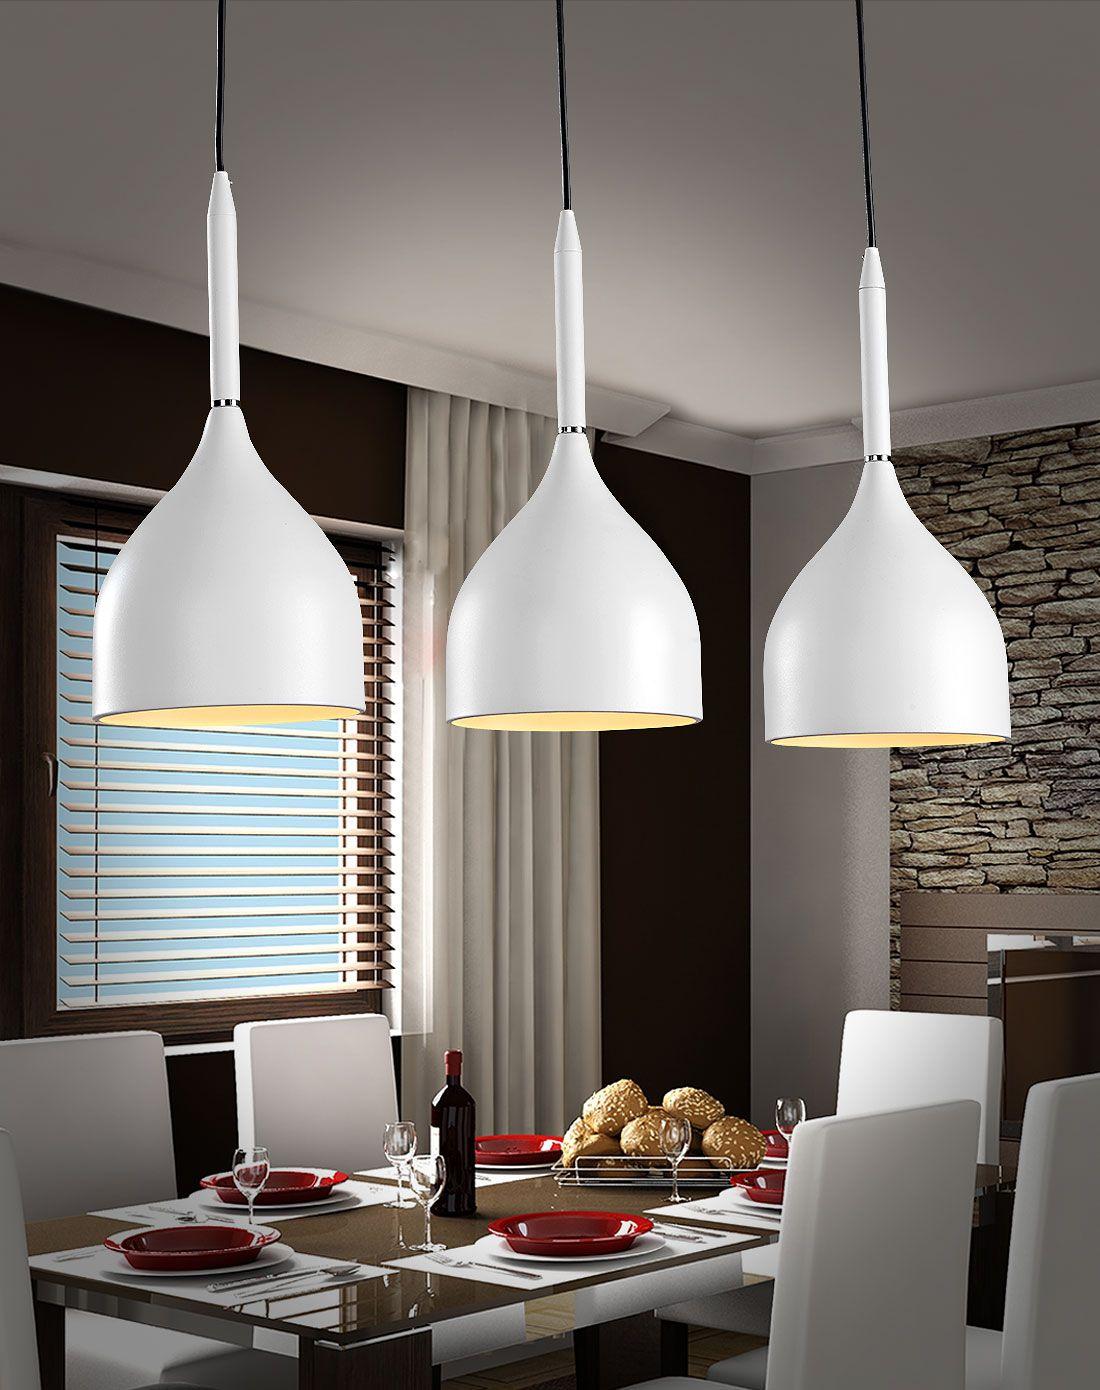 餐厅吊灯选购你家适合哪一款?